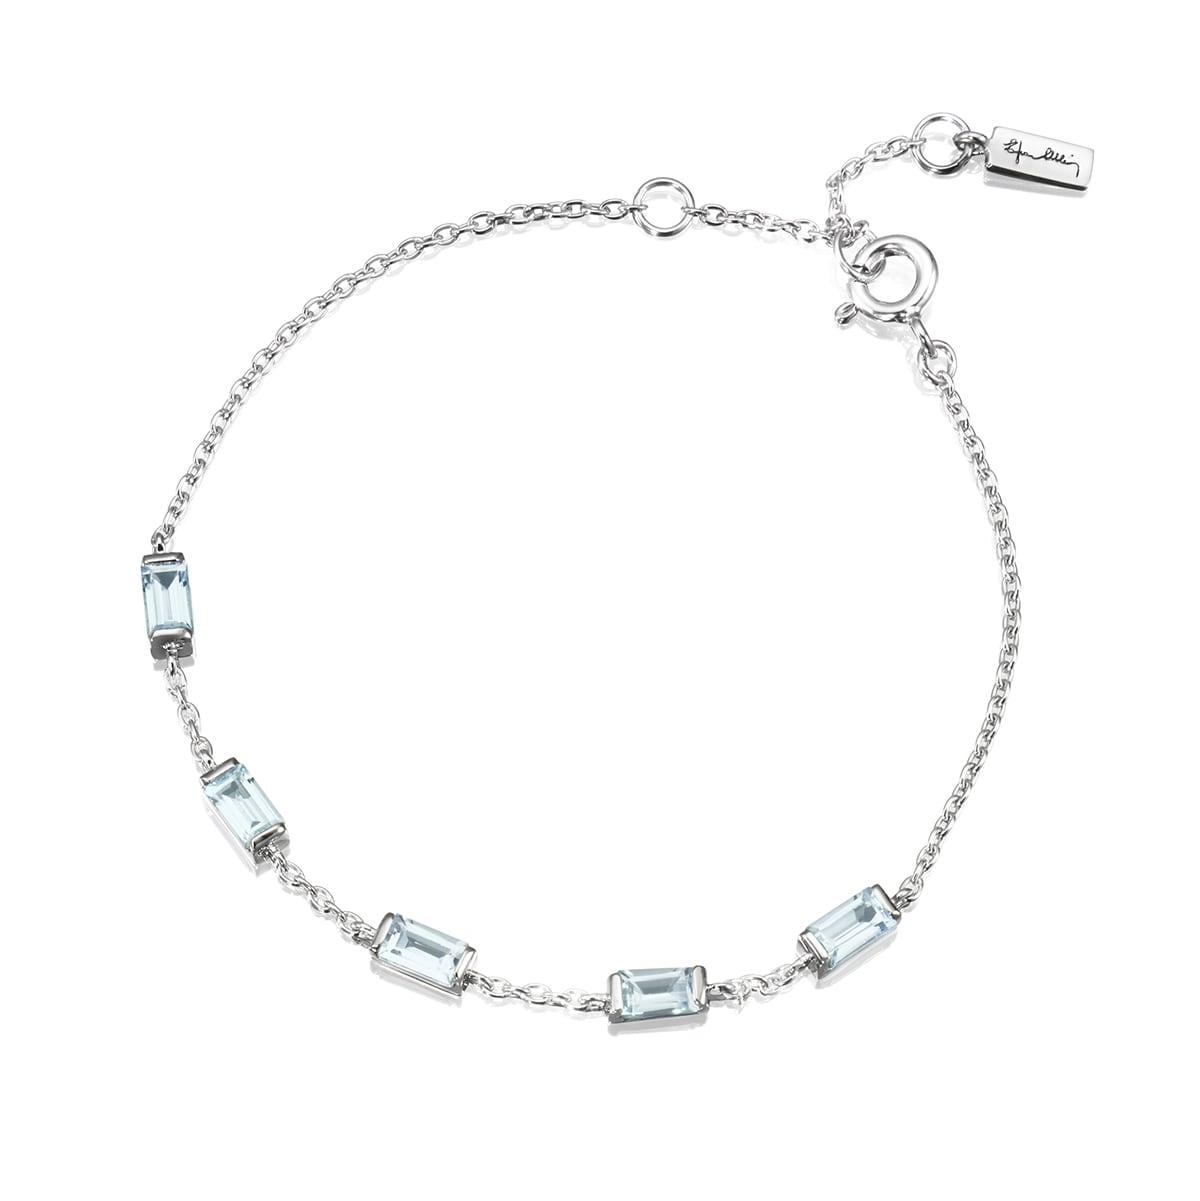 Efva_Attling_smycken_A Macaron Dream Bracelet 14-100-01584(1)_hos_Jarl_Sandin